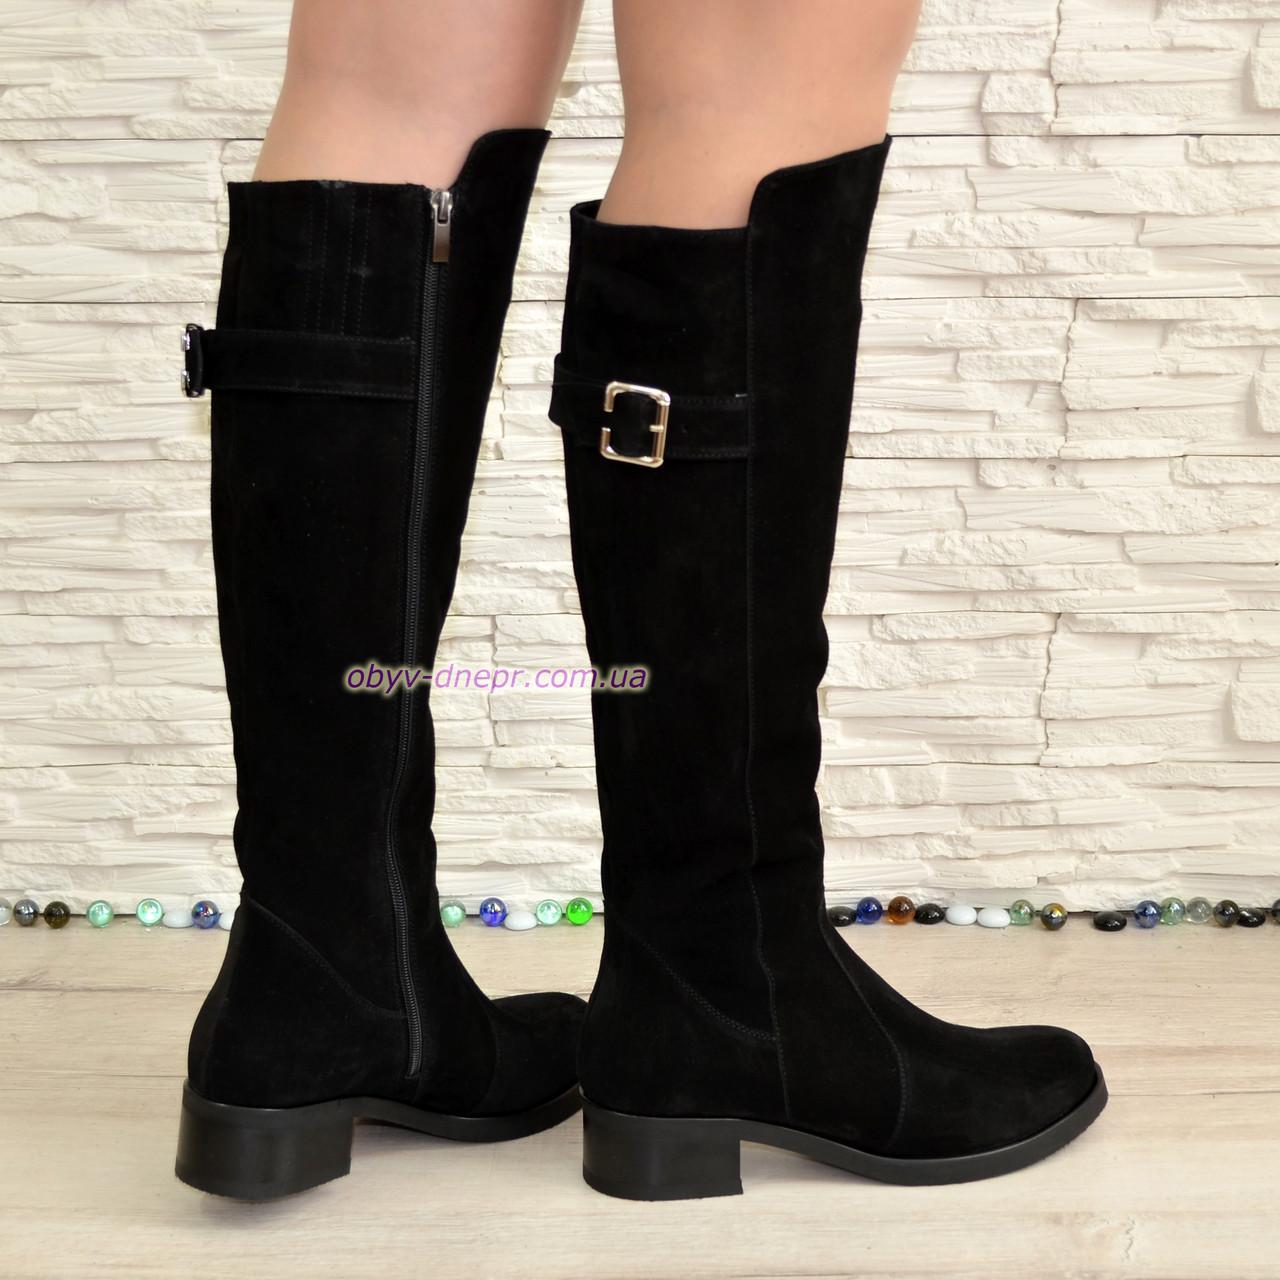 c324c0c8a ... Сапоги черные женские зимние замшевые на невысоком устойчивом каблуке,  ...